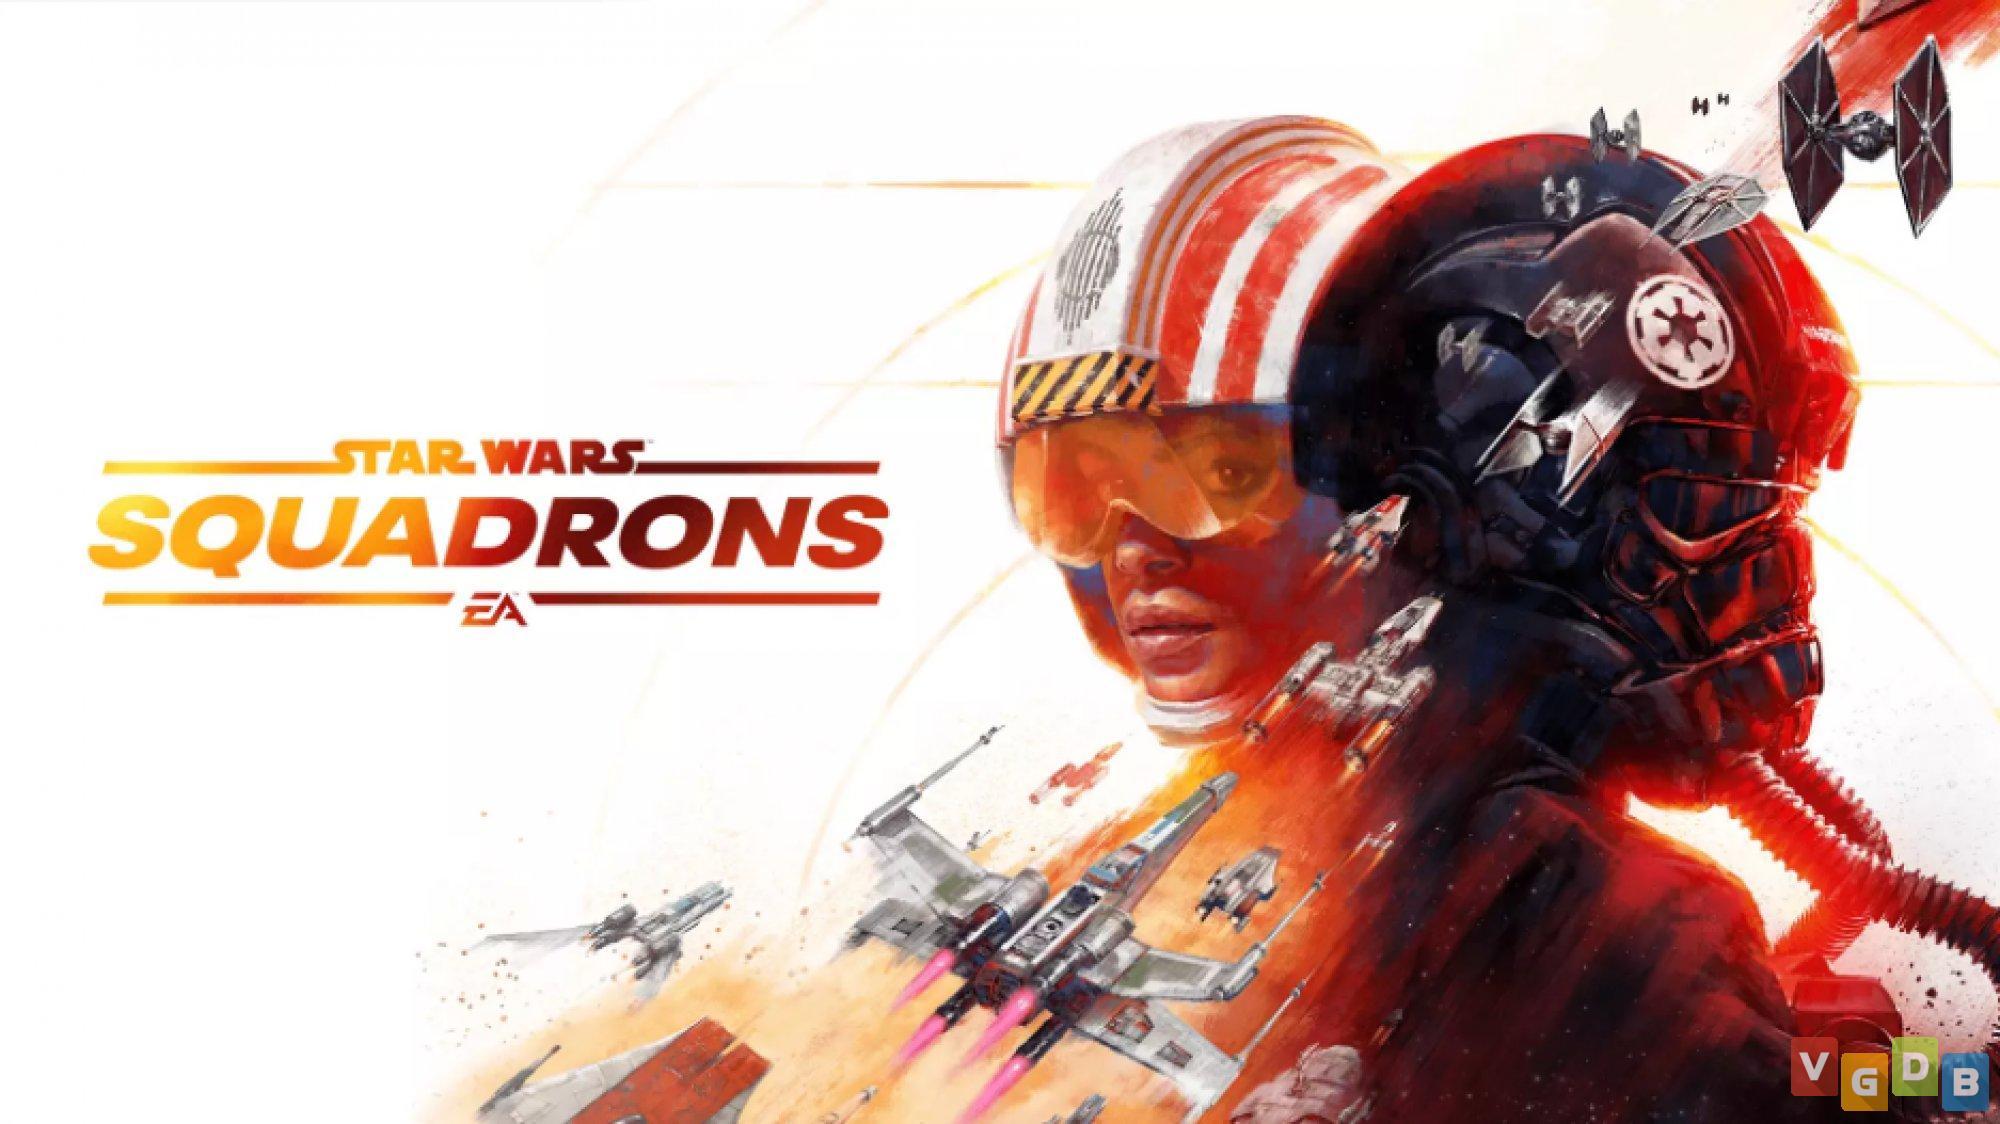 VGDB - Vídeo Game Data Base - Após vazar, novo game de Star Wars tem nome e  data de lançamento